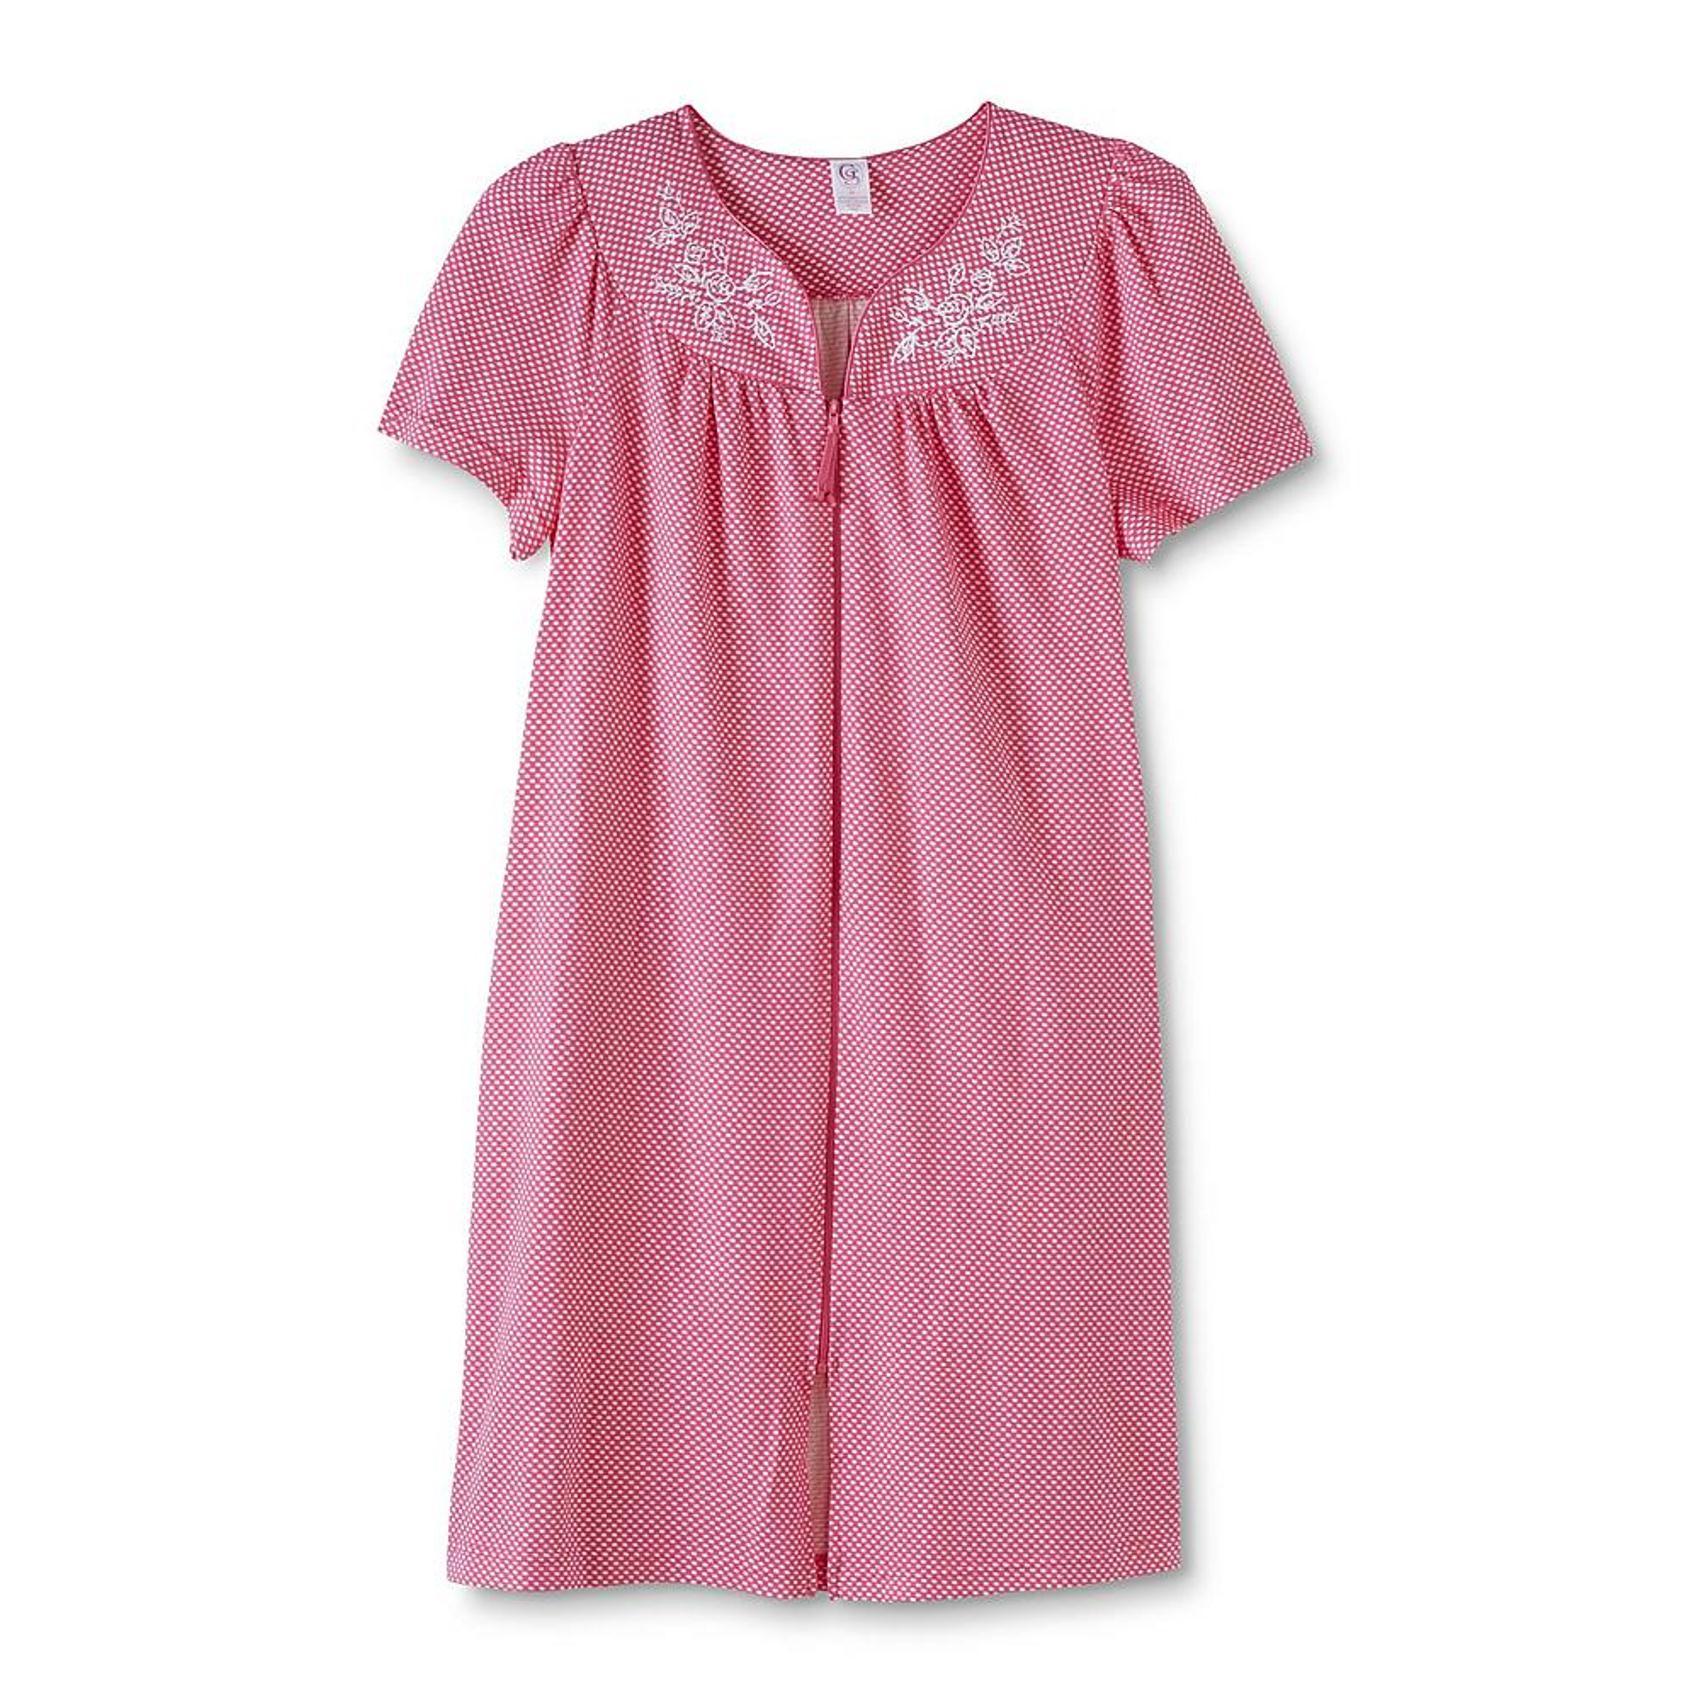 Sears Plus Size Robe Zipper